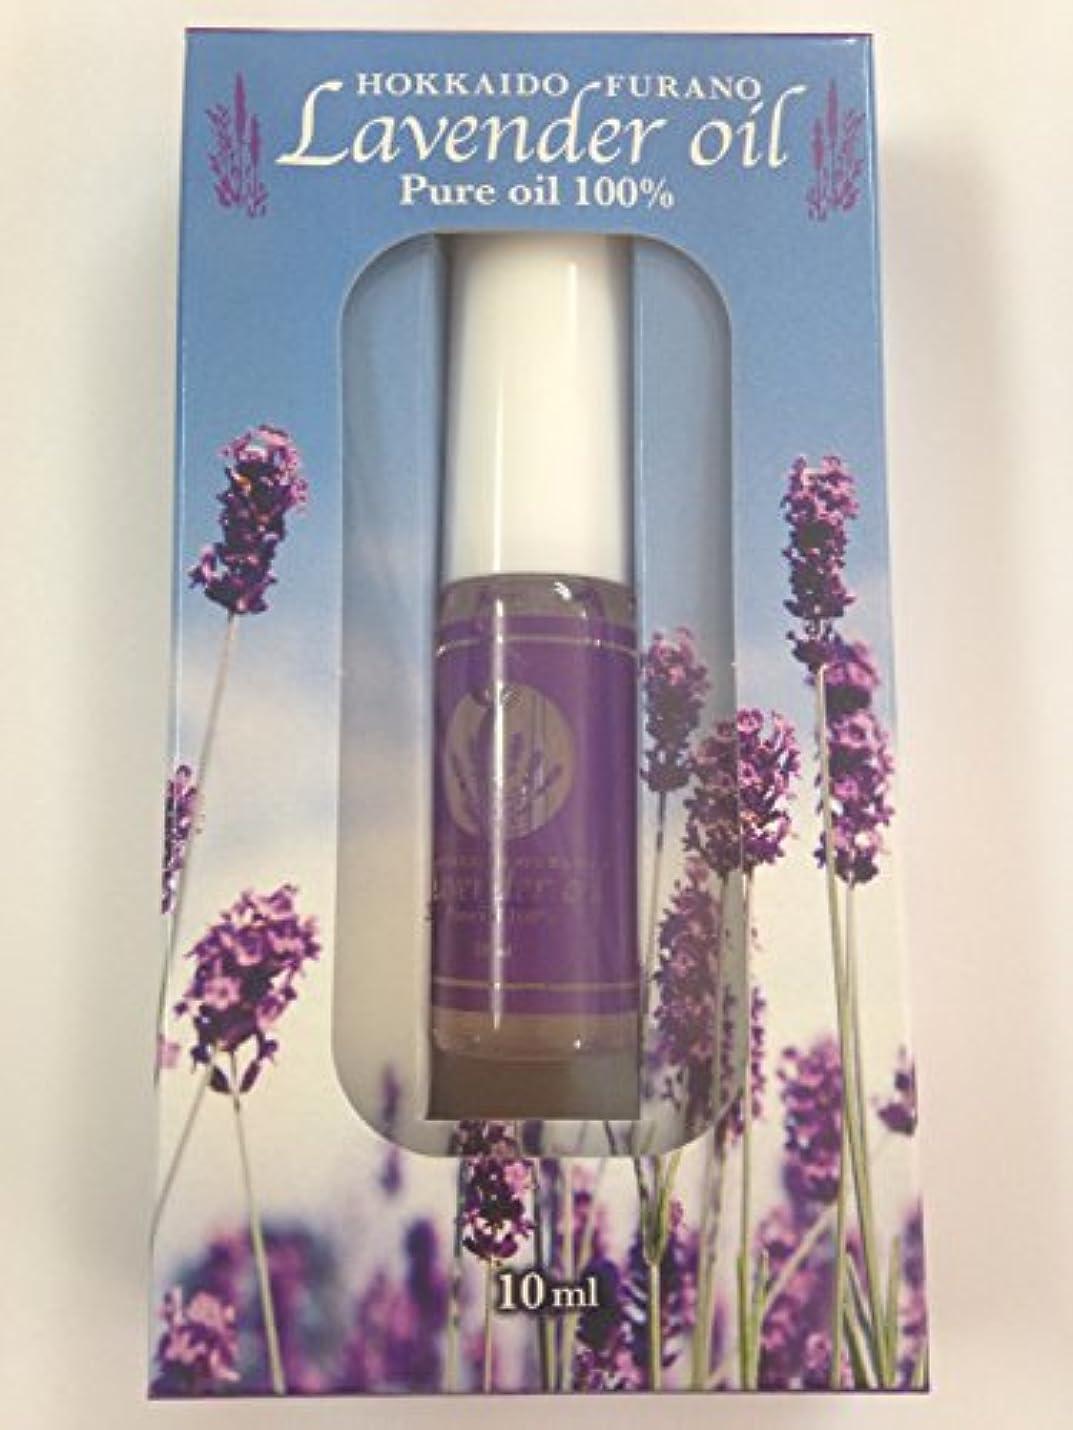 あらゆる種類の複雑なの面では北海道◆ラベンダー天然精油100%?10ml<水蒸気蒸留法>Lavender oil